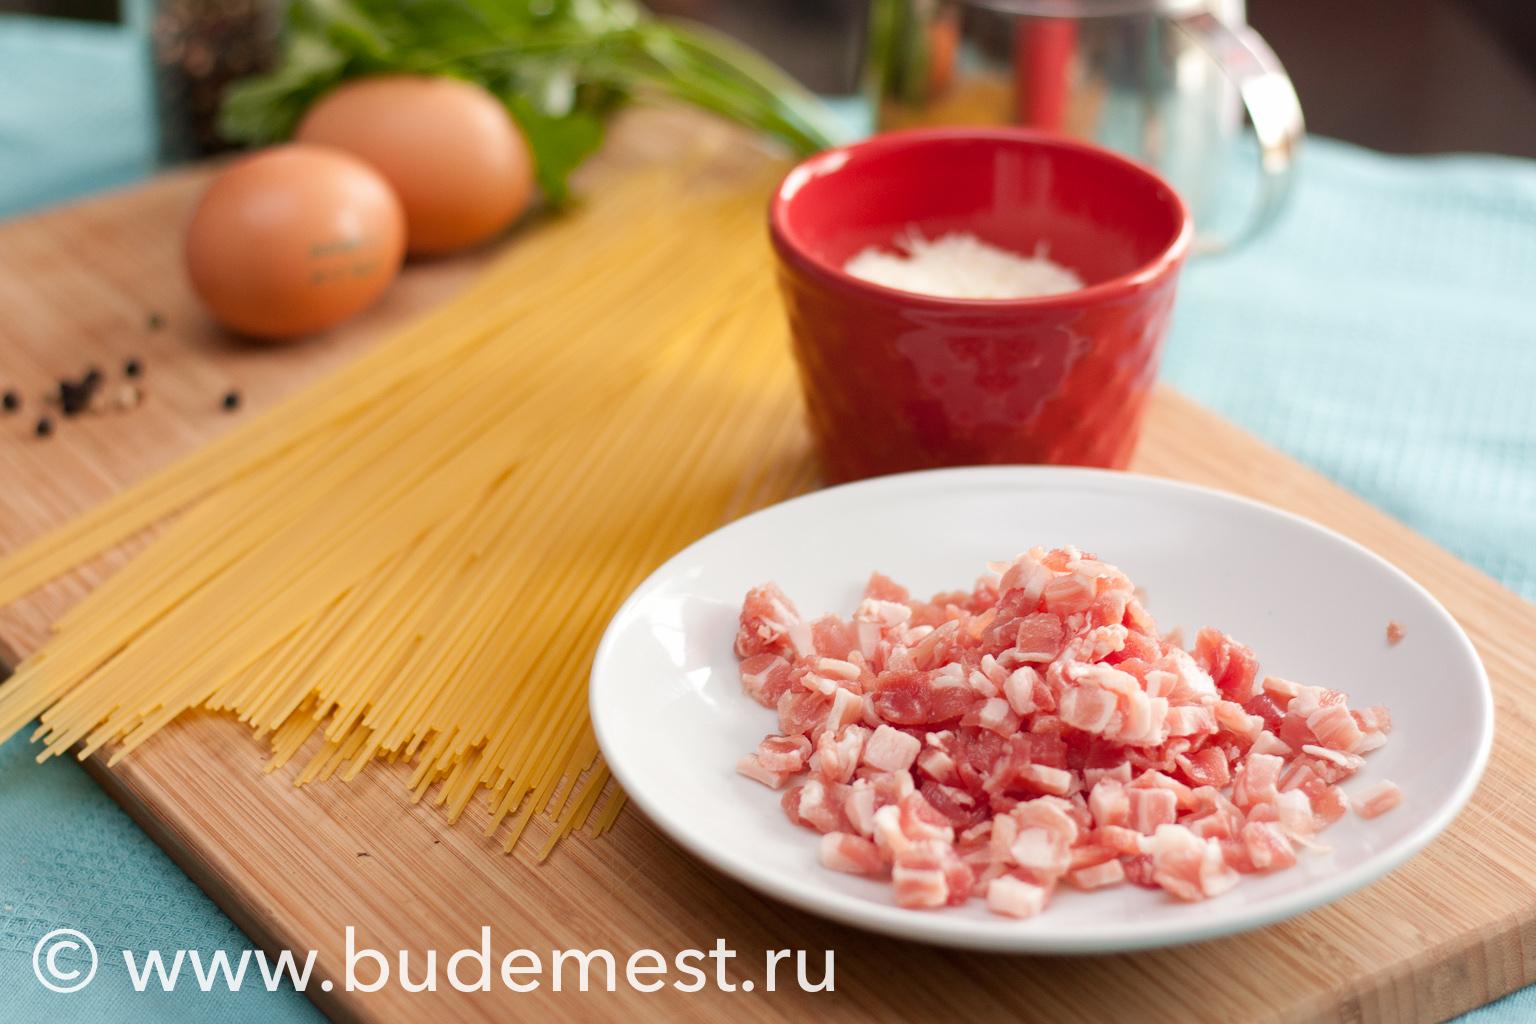 Ингредиенты для приготовления Спагетти Карбонара